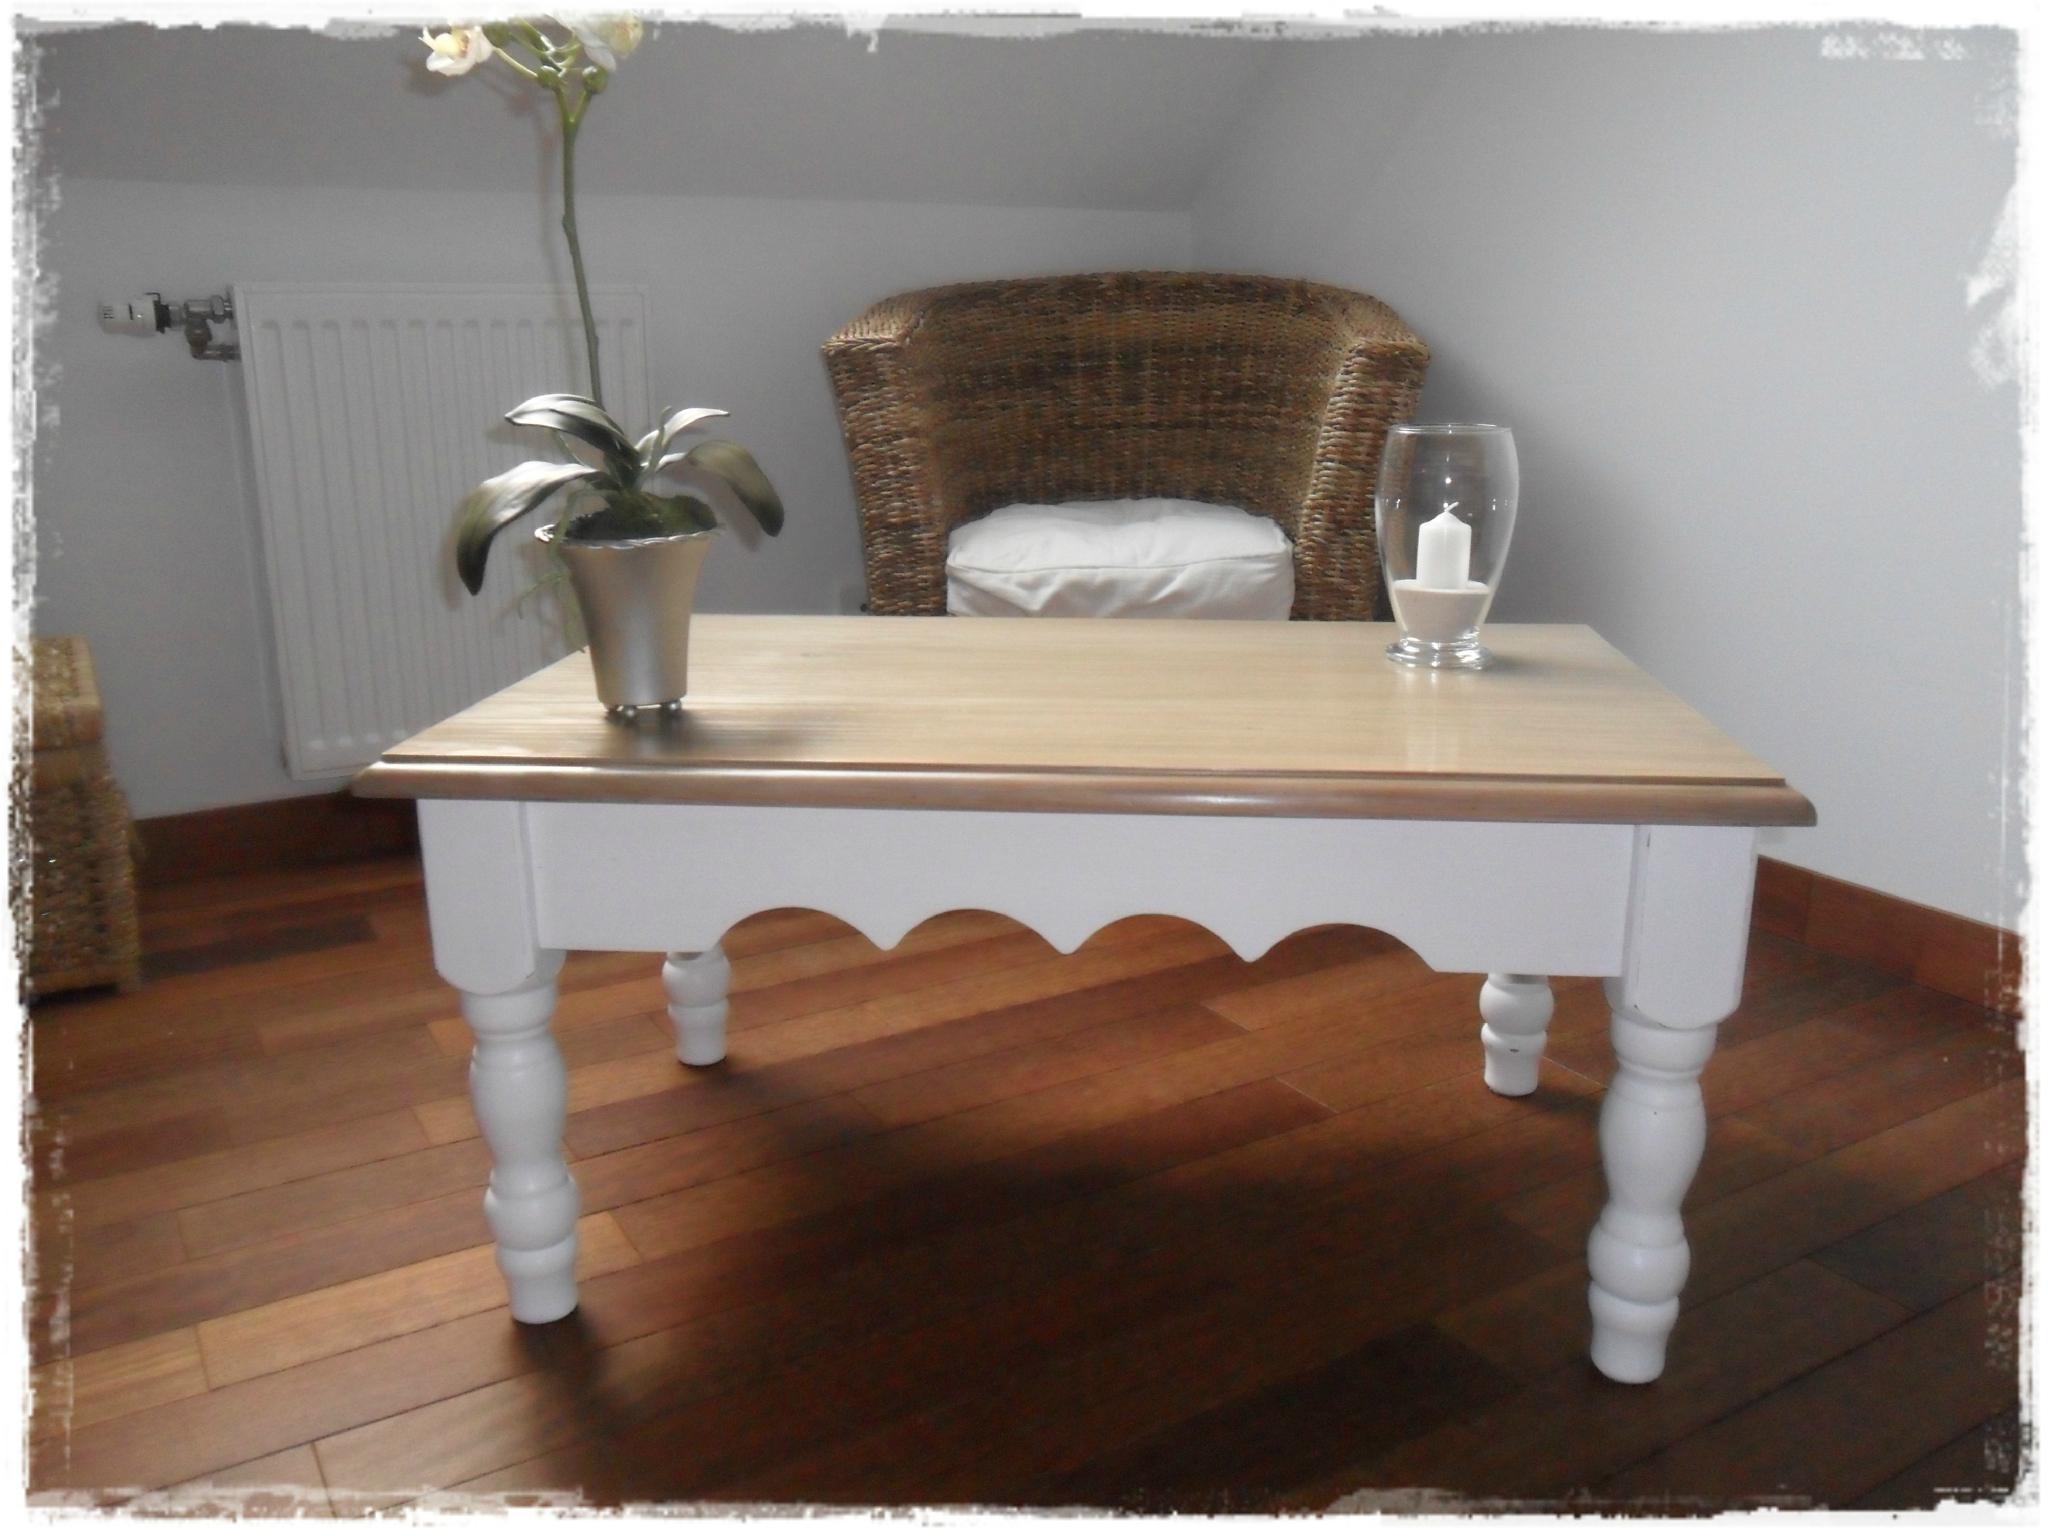 Nouveau Look Pour Table En Pin - Broc Et Patine - Le Grenier concernant Table De Nuit Ancienne Le Bon Coin